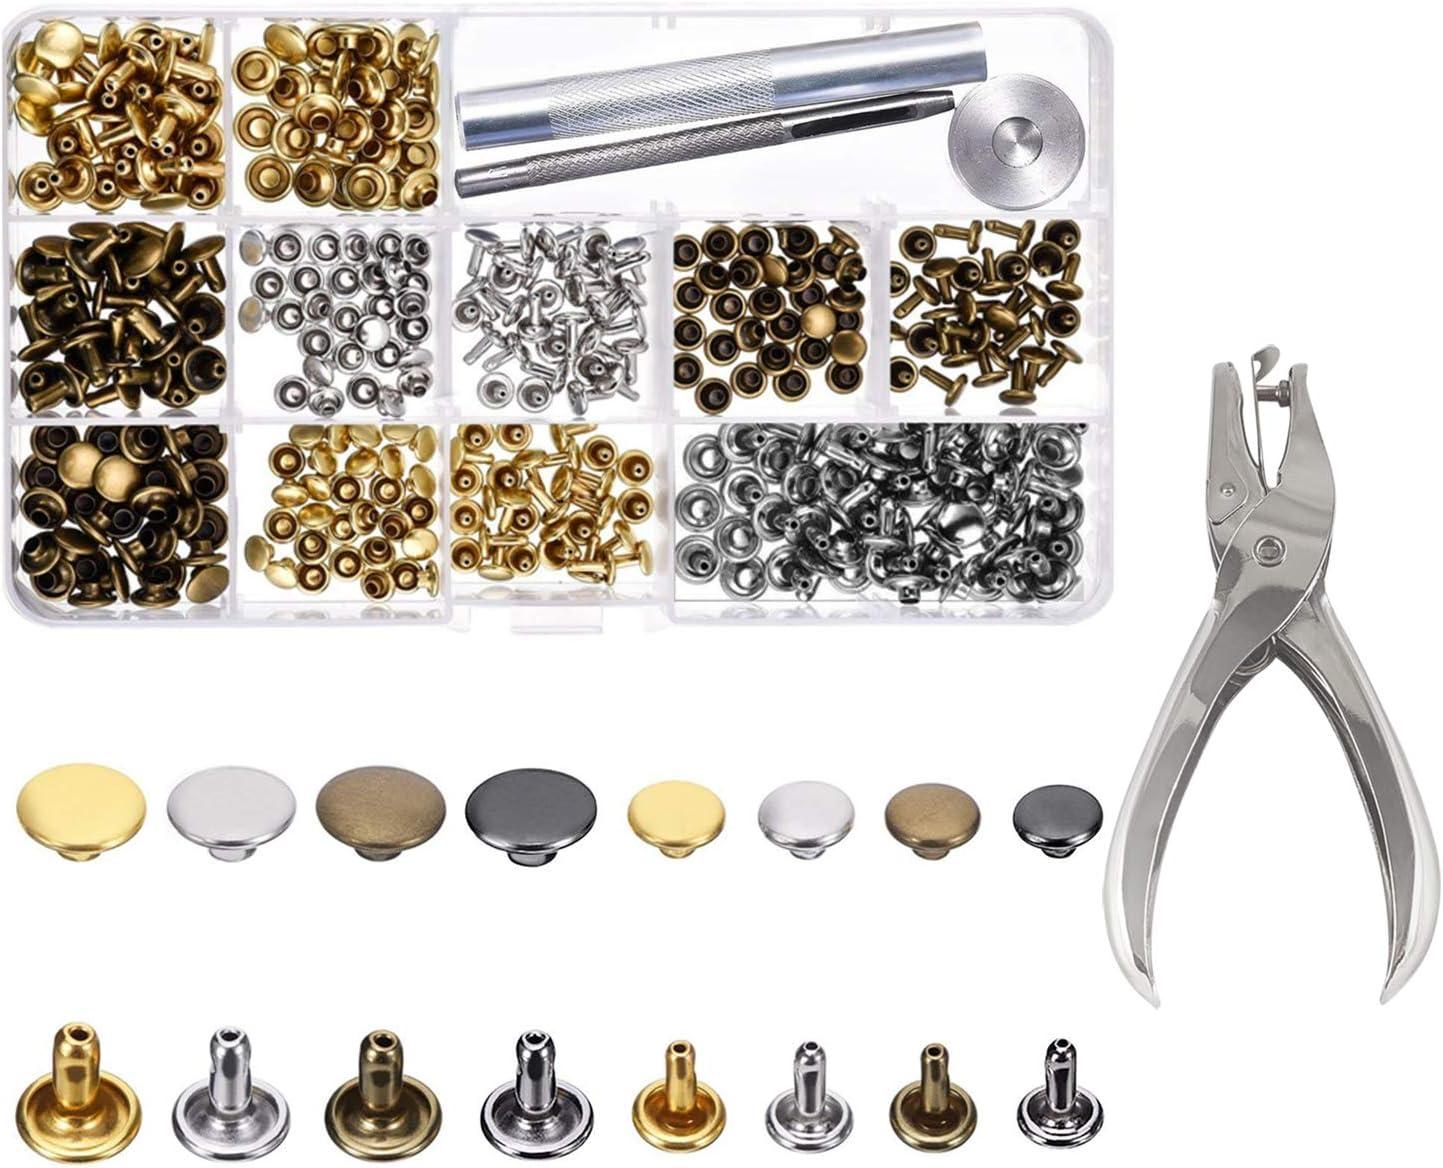 ✮GARANTÍA DE POR VIDA✮-CZ Store®-Remaches|300 PZS + ALICATES|Remache tubular 3 tamaños (6 8 y 12MM) con doble cierre y 3 herramientas de fijación-Remache de cuero (Oro, Bronce, Plata)-Kit remaches